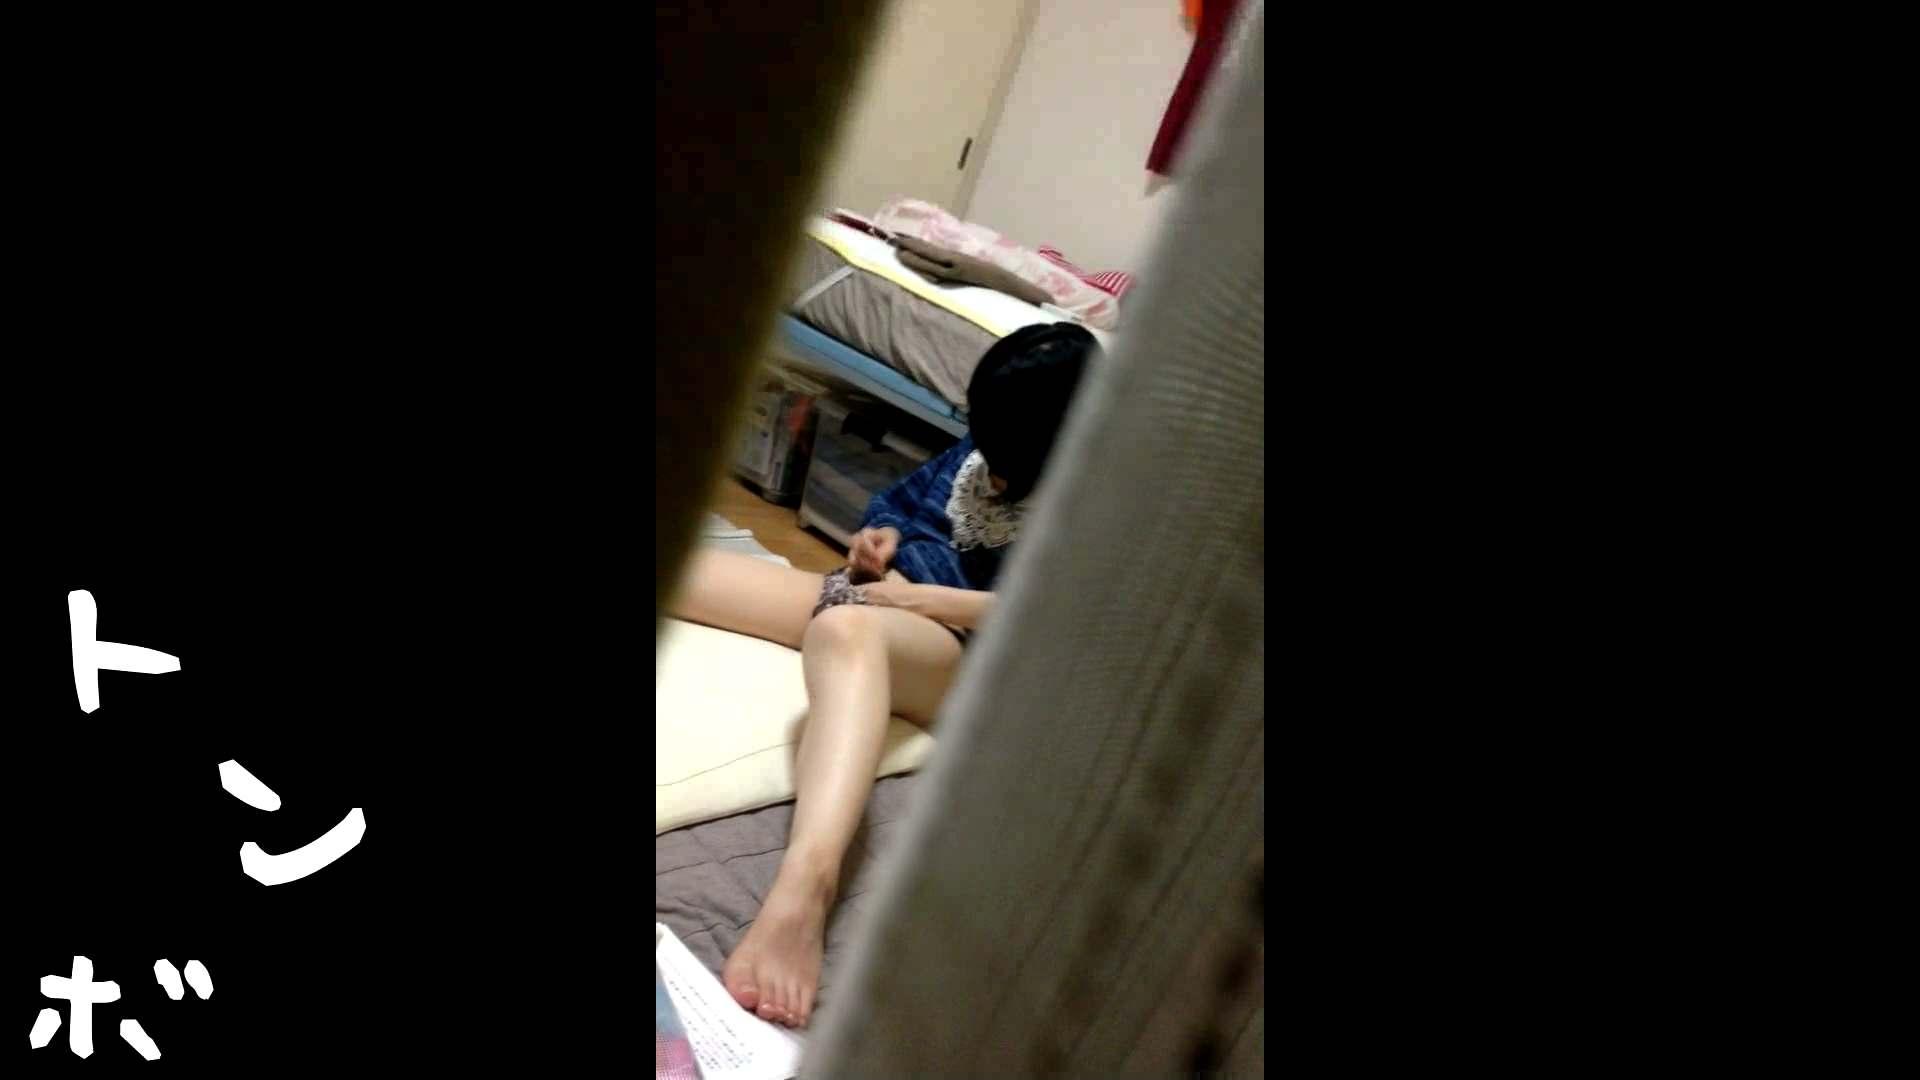 リアル盗撮 作家志望J子 アソコのお手入れ最中に感じてパンツを湿らす 盗撮 | 隠れた名作  38画像 20